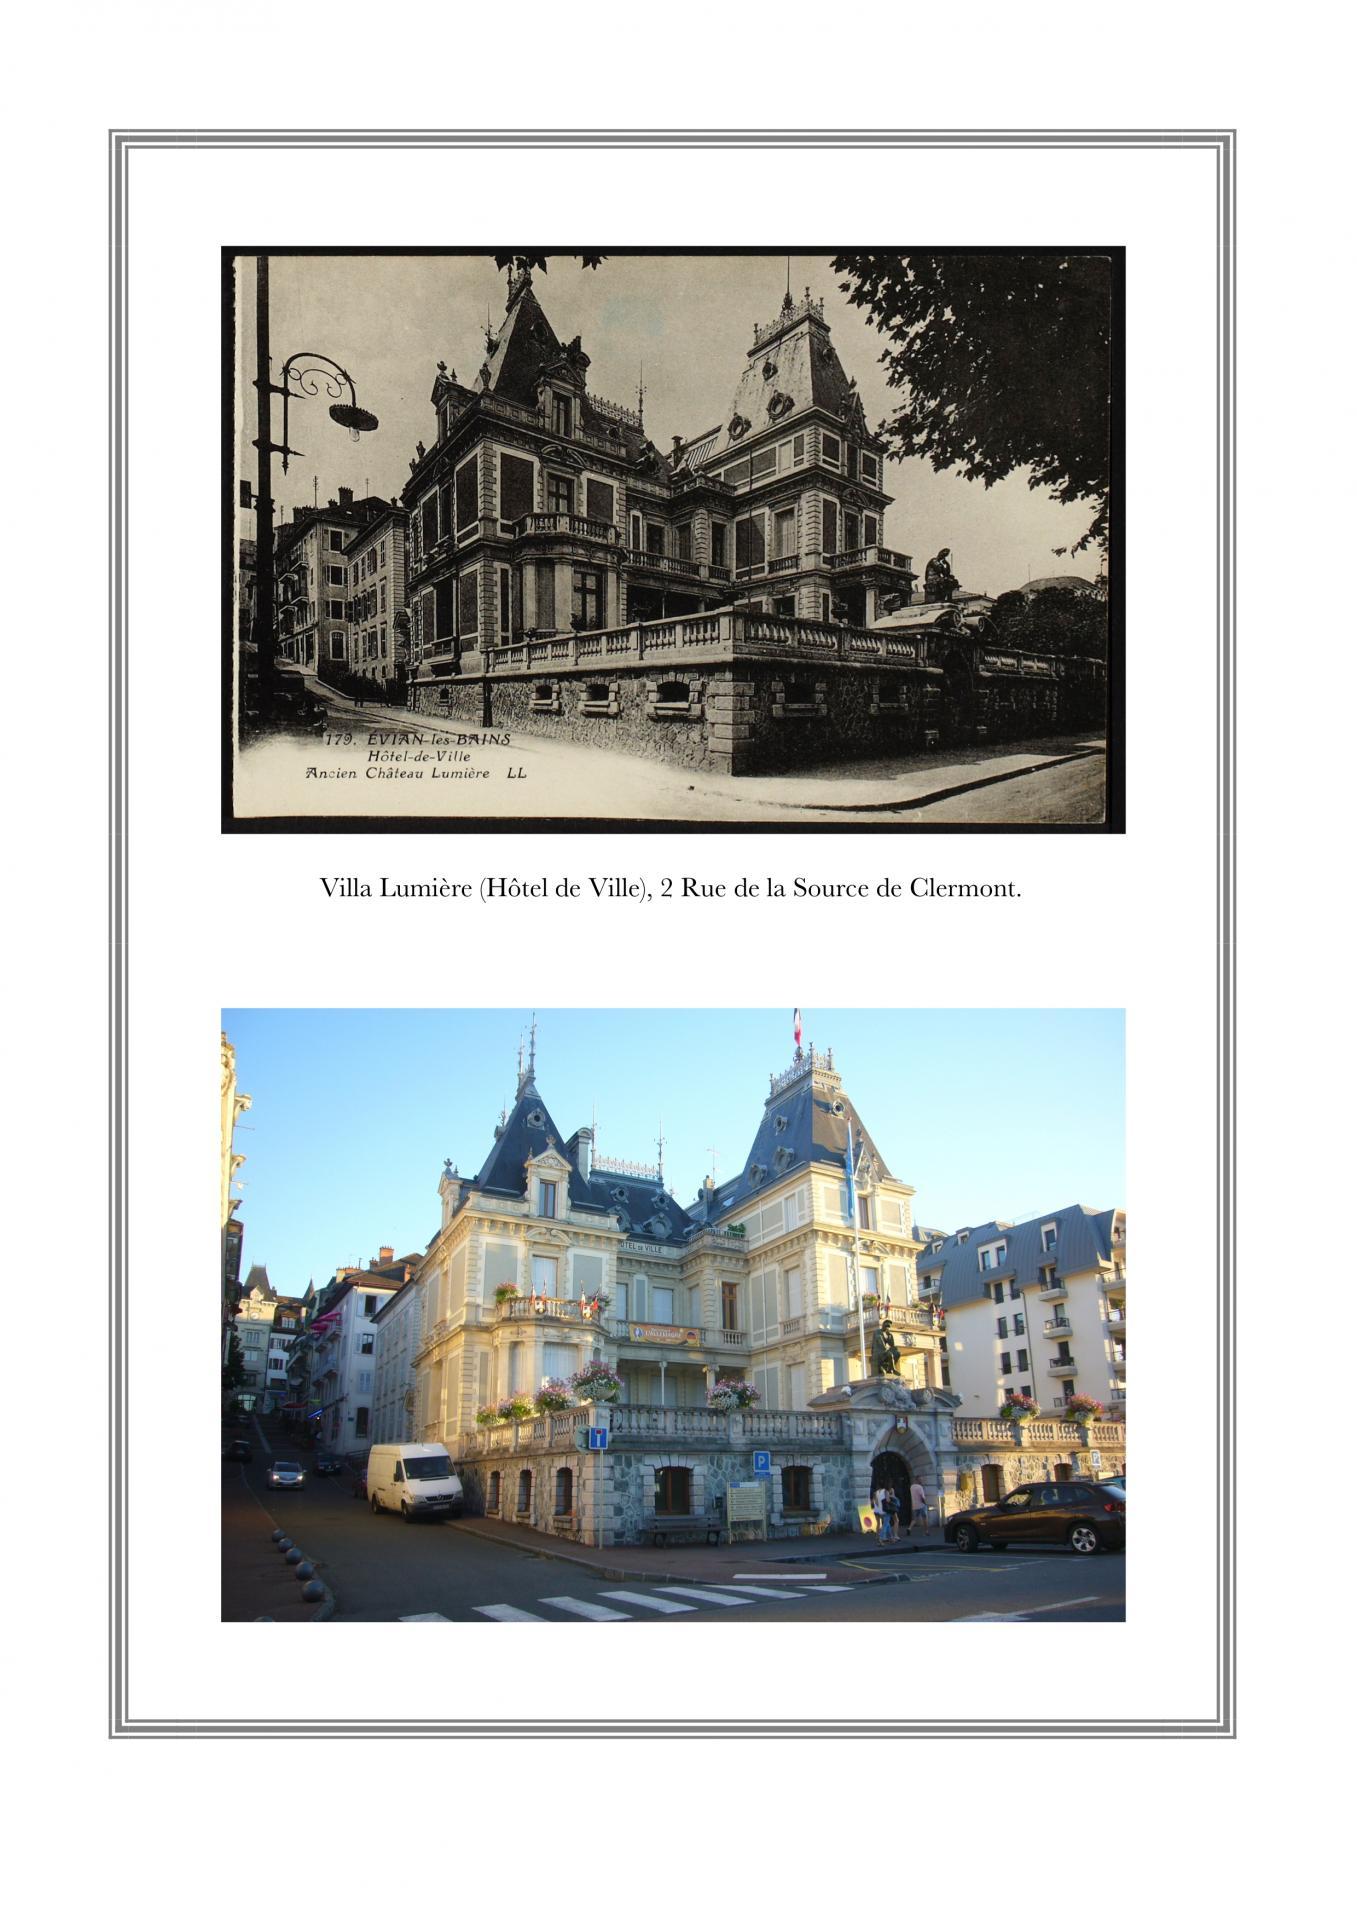 Villa Lumière - 2, rue de la Source de Clermont